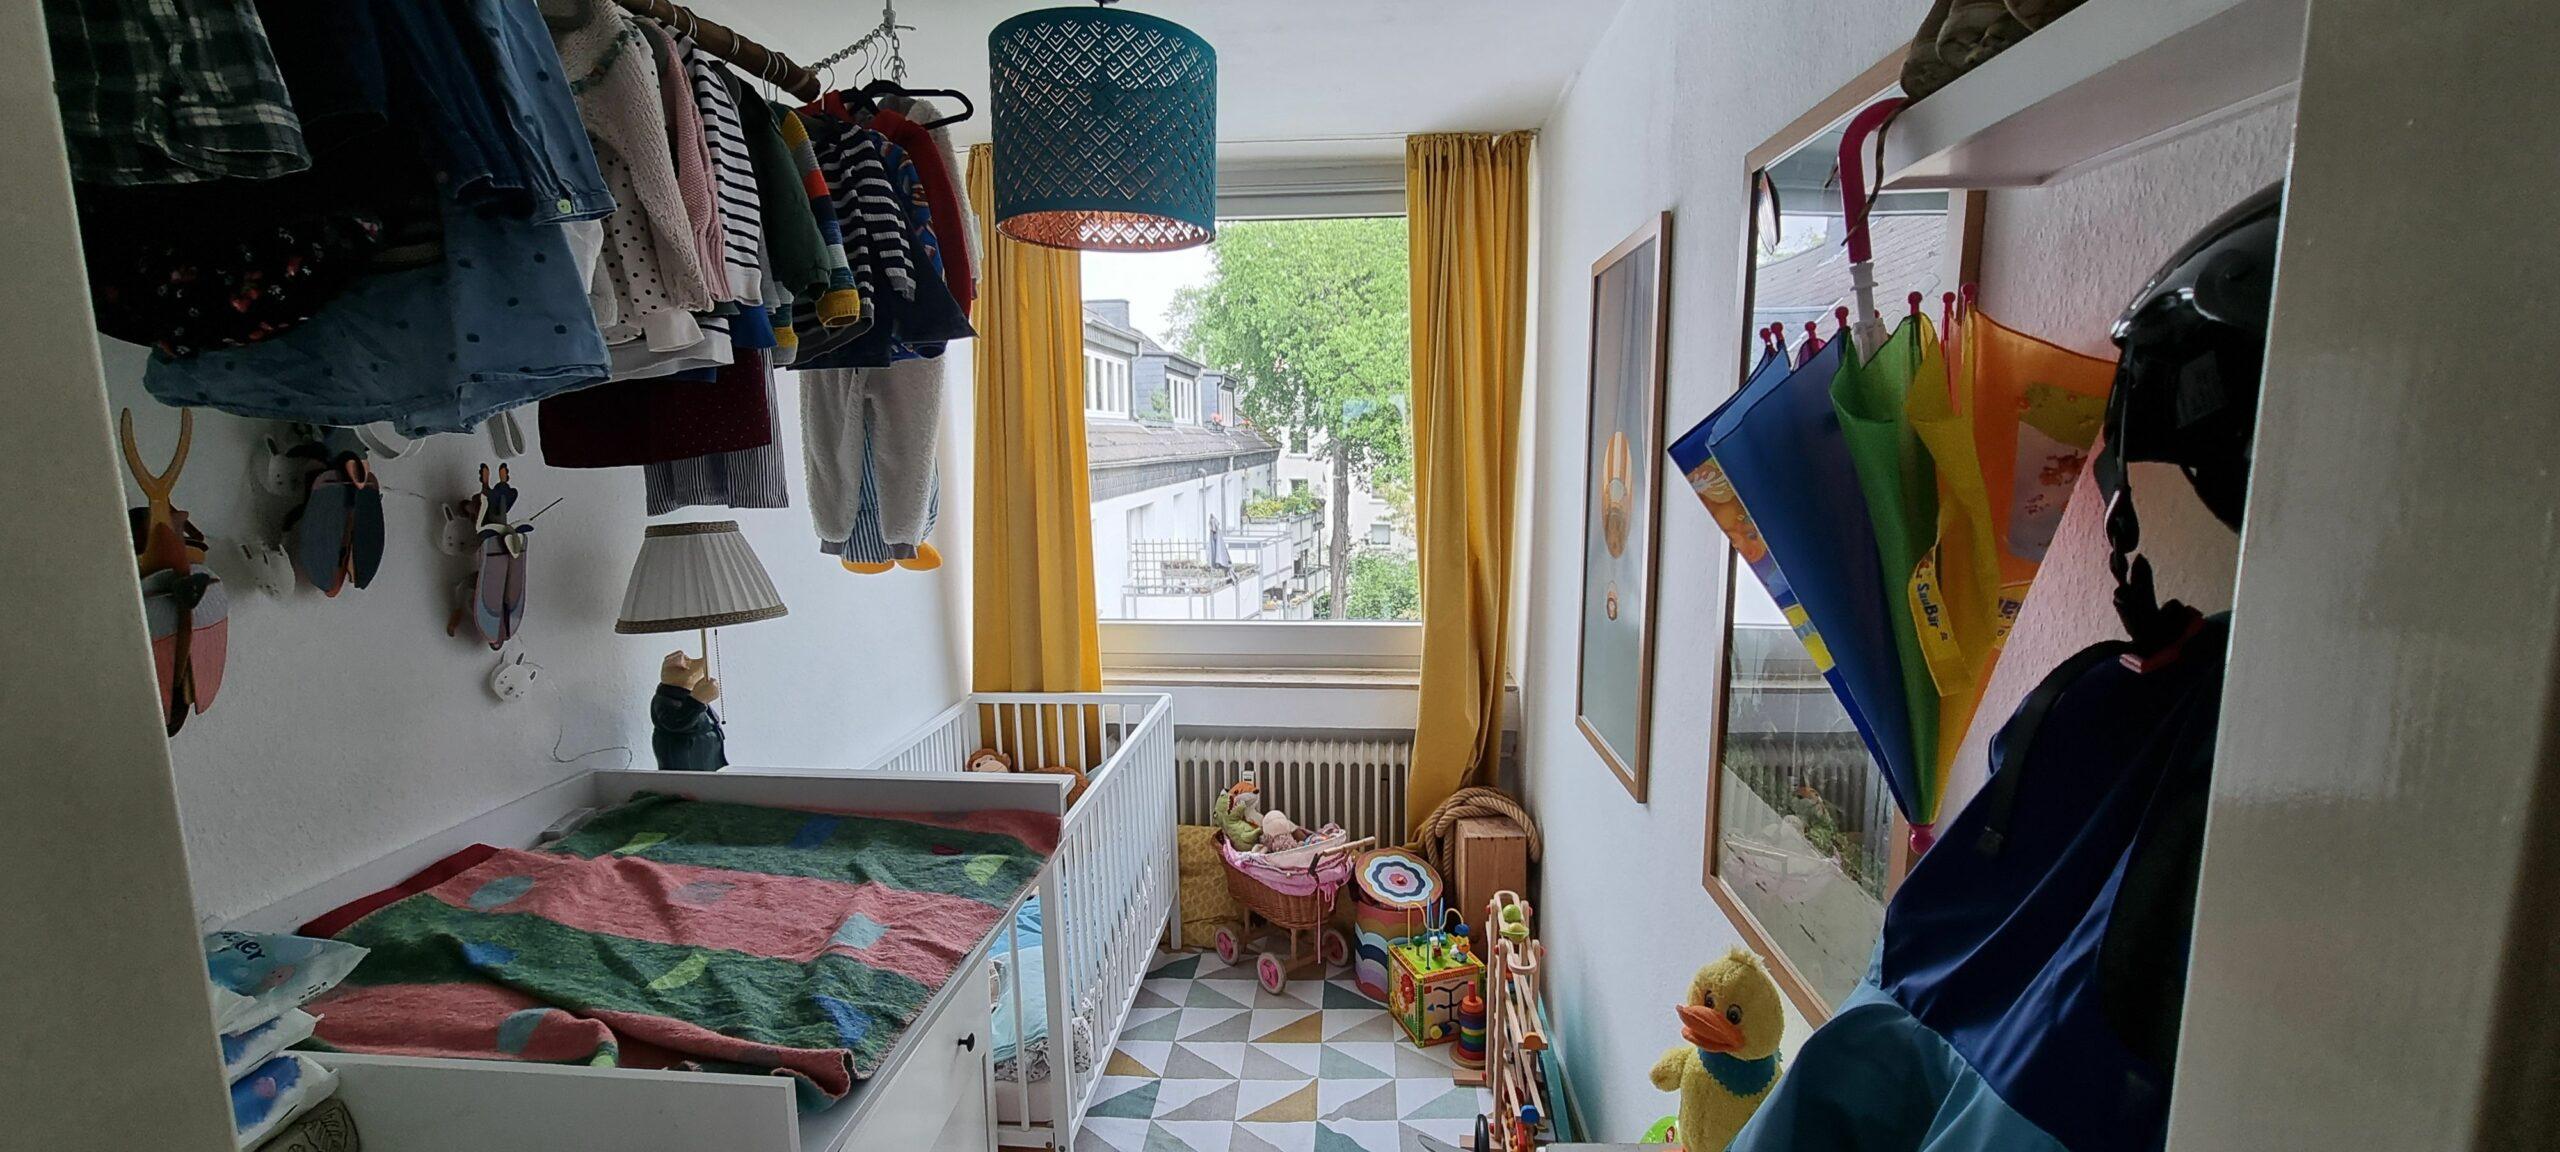 68 qm große 3 Zimmer Mietwohnung zum 15.07 im Pantaleonsviertel frei